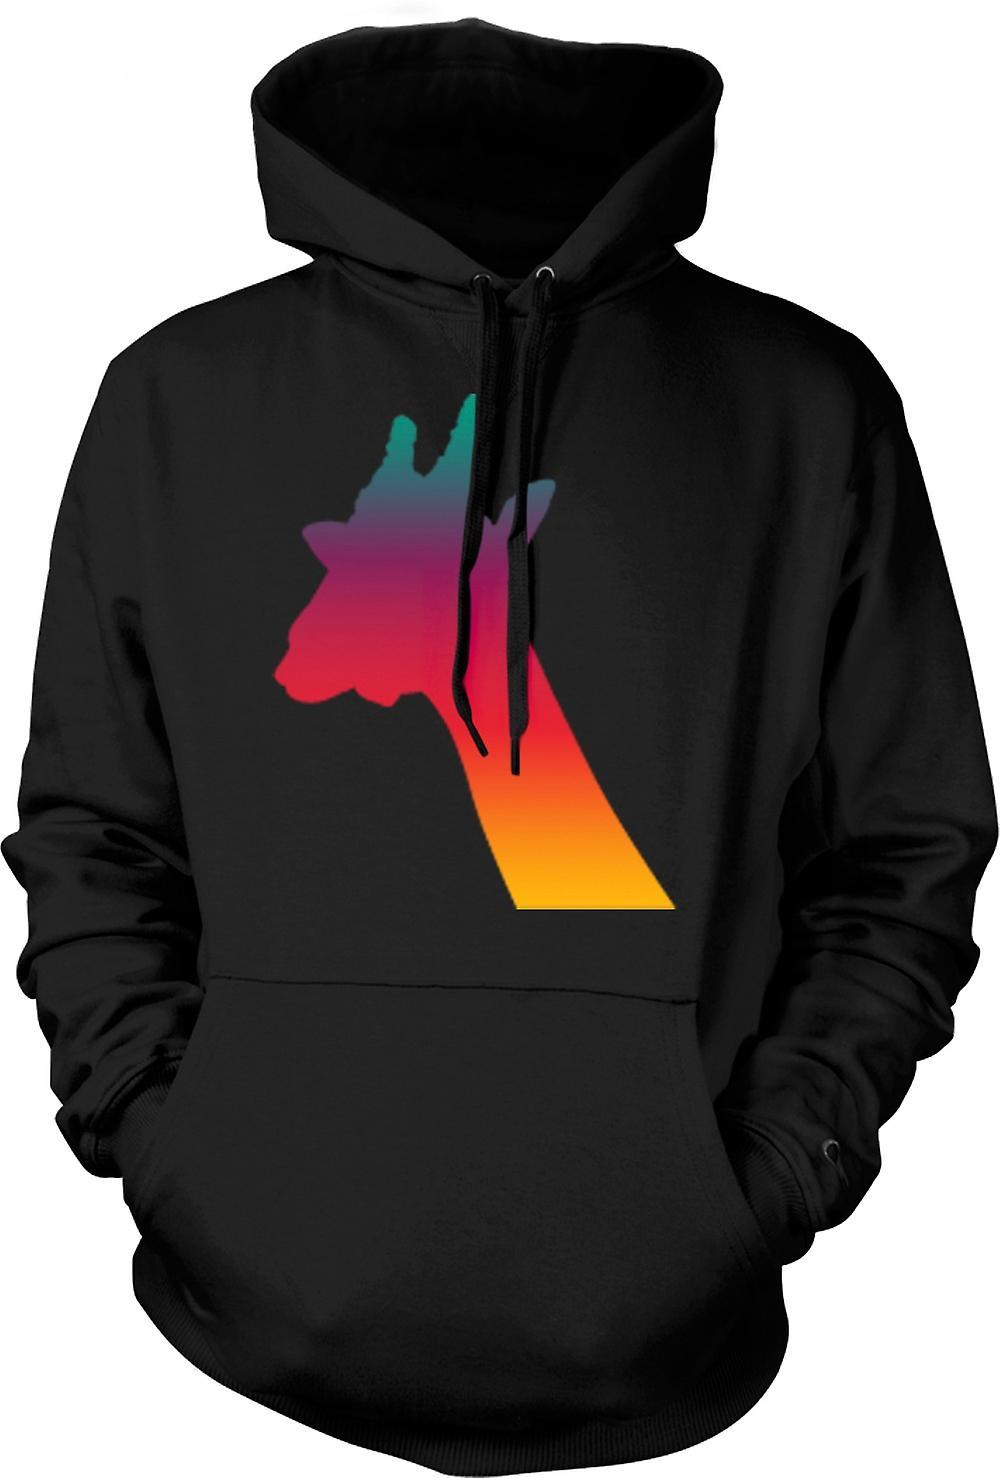 Mens Hoodie - Rainbow Giraffe psychedelische ontwerp